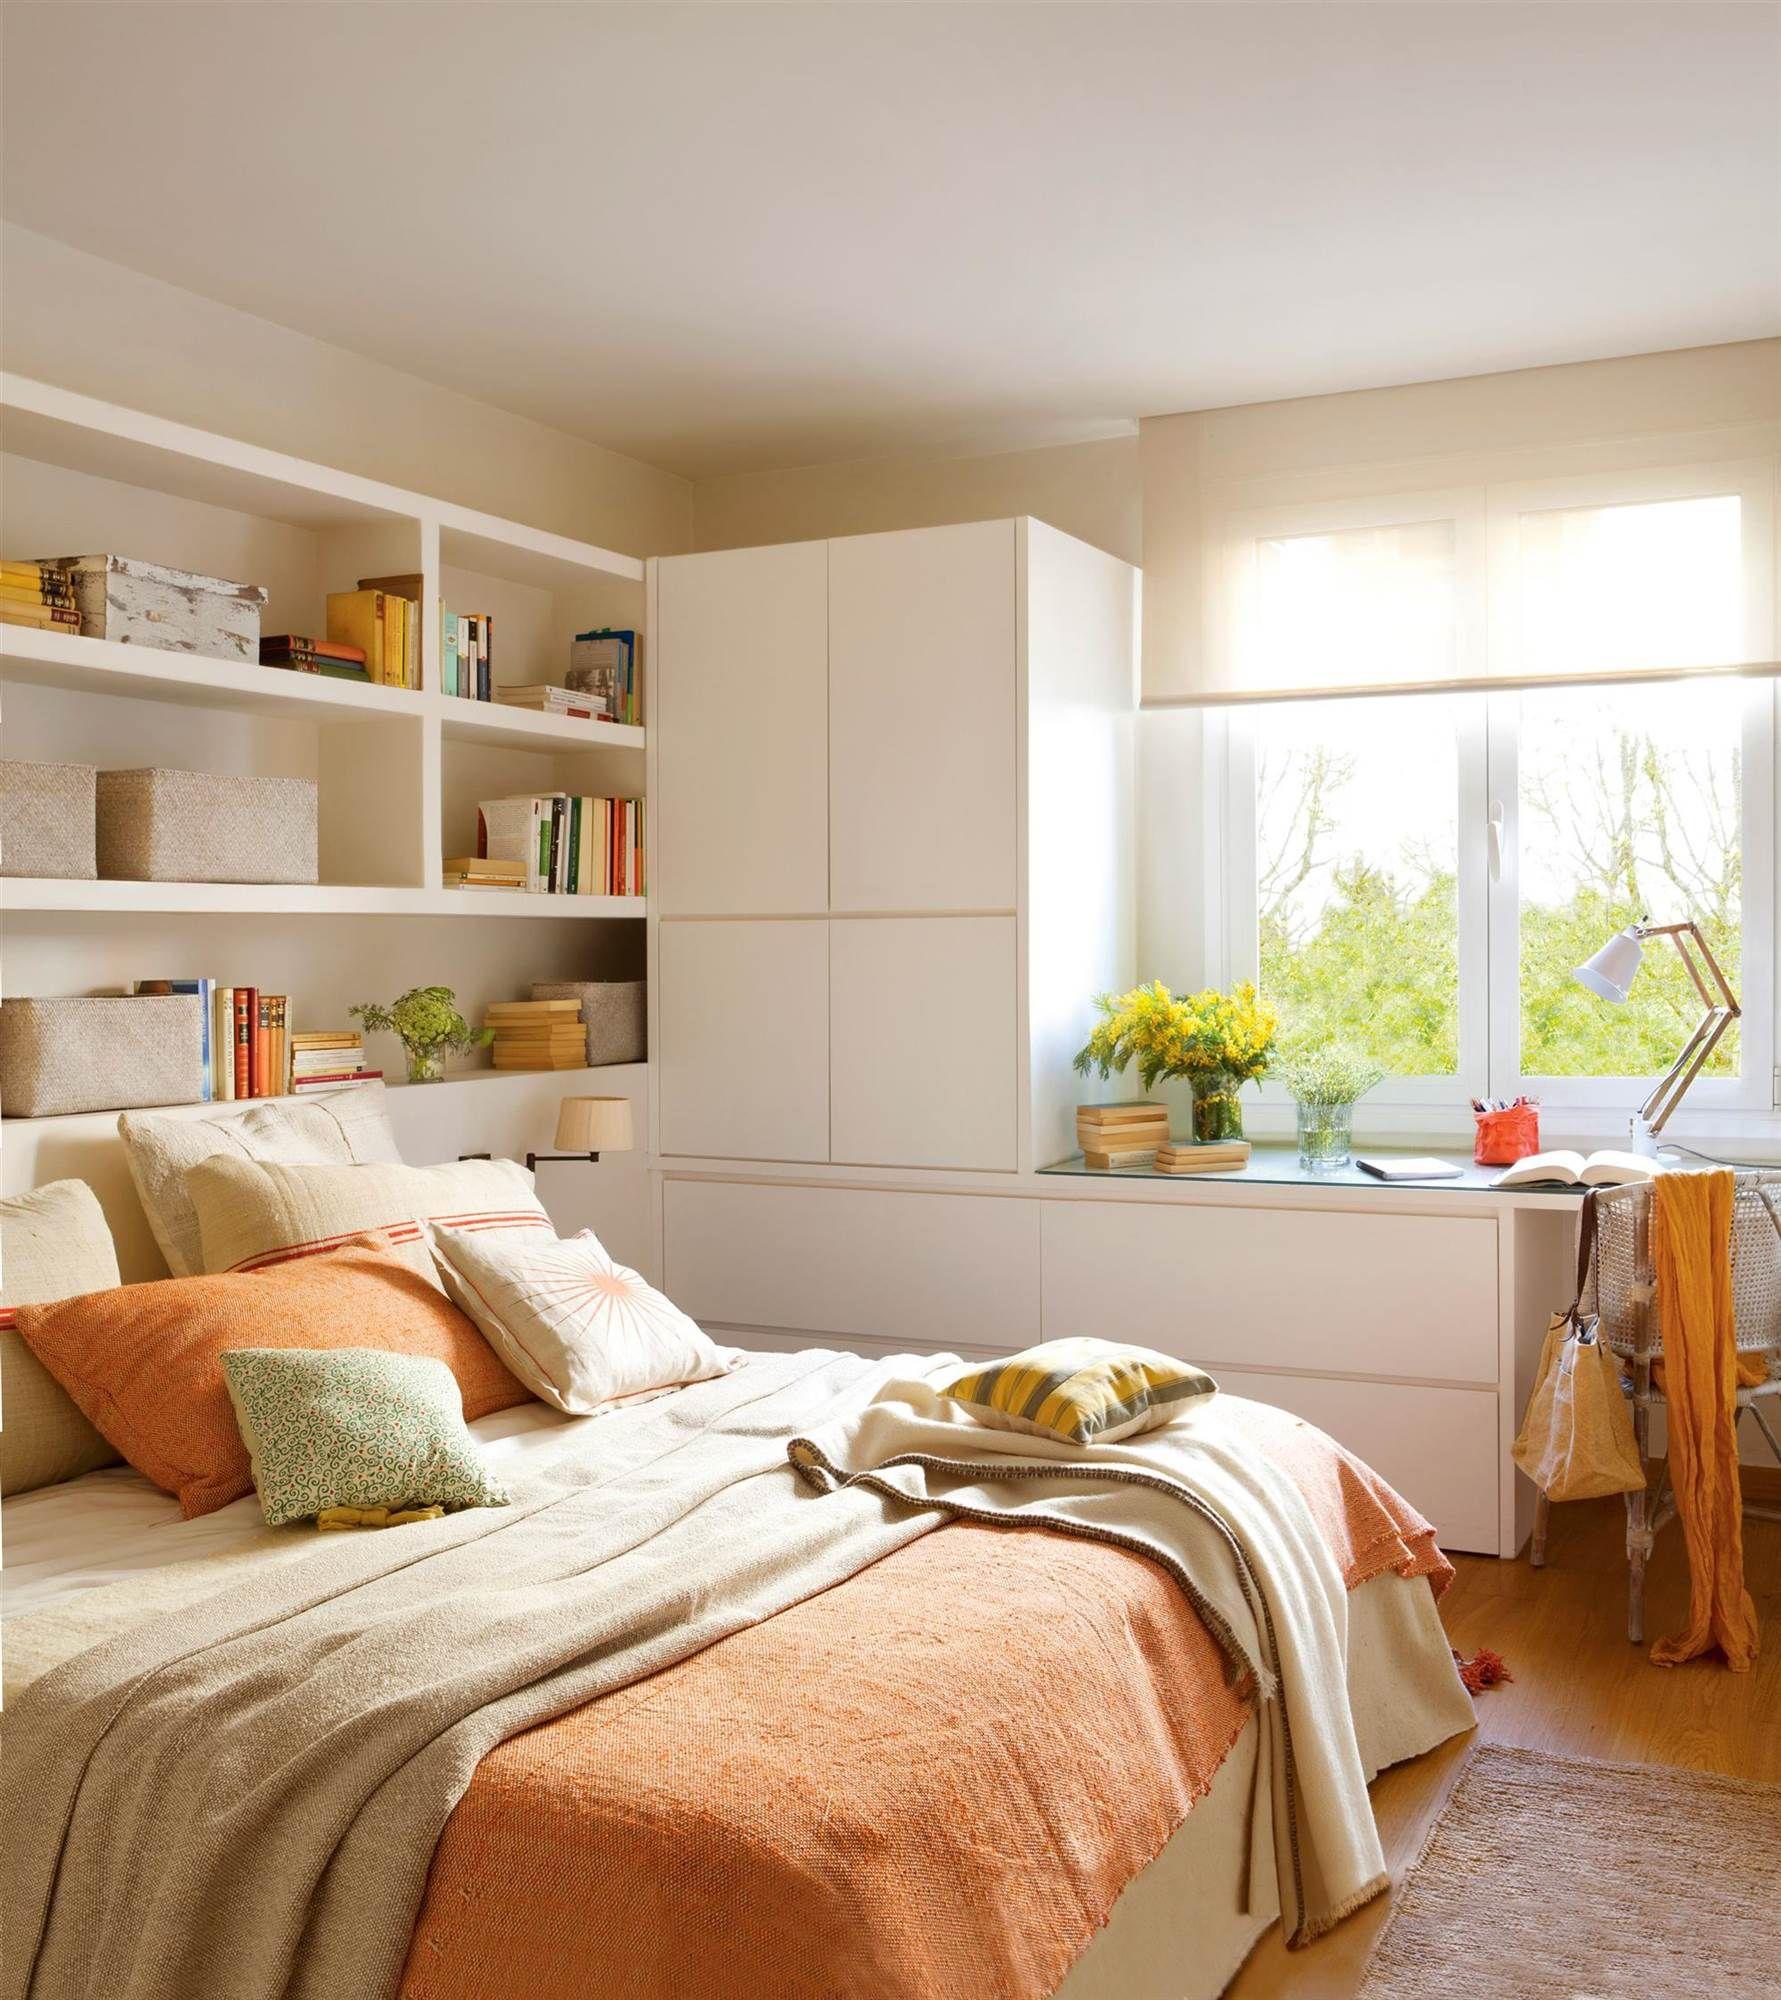 Dormitorio con cabecero armario c moda y mesa a medida - Comodas para habitacion ...